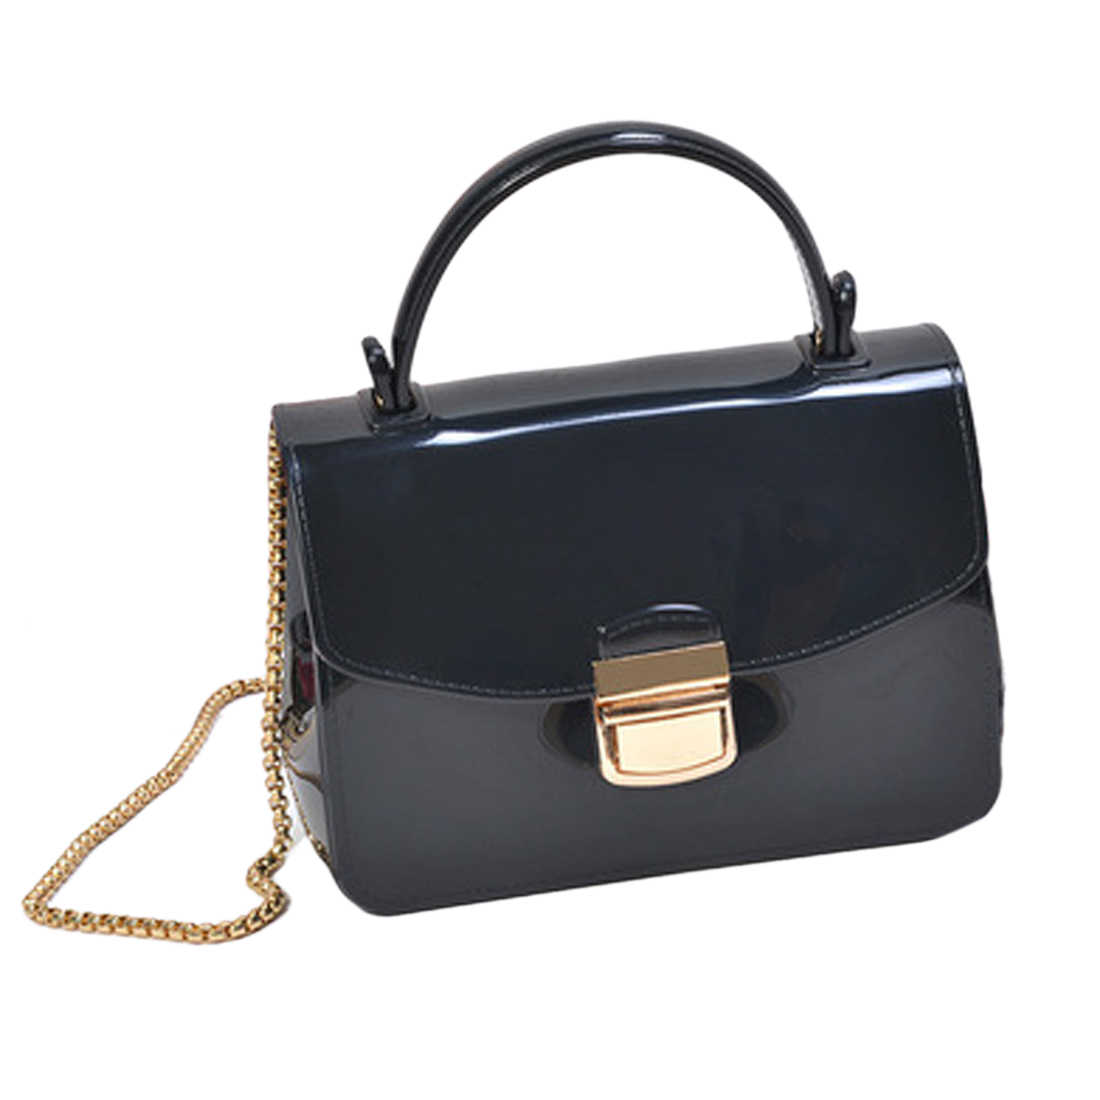 a3e7fa1f3d59 HIPSTEEN Летняя женская сумка кожаная цепь дамские сумки на одно плечо Сумка  милая сумка через плечо